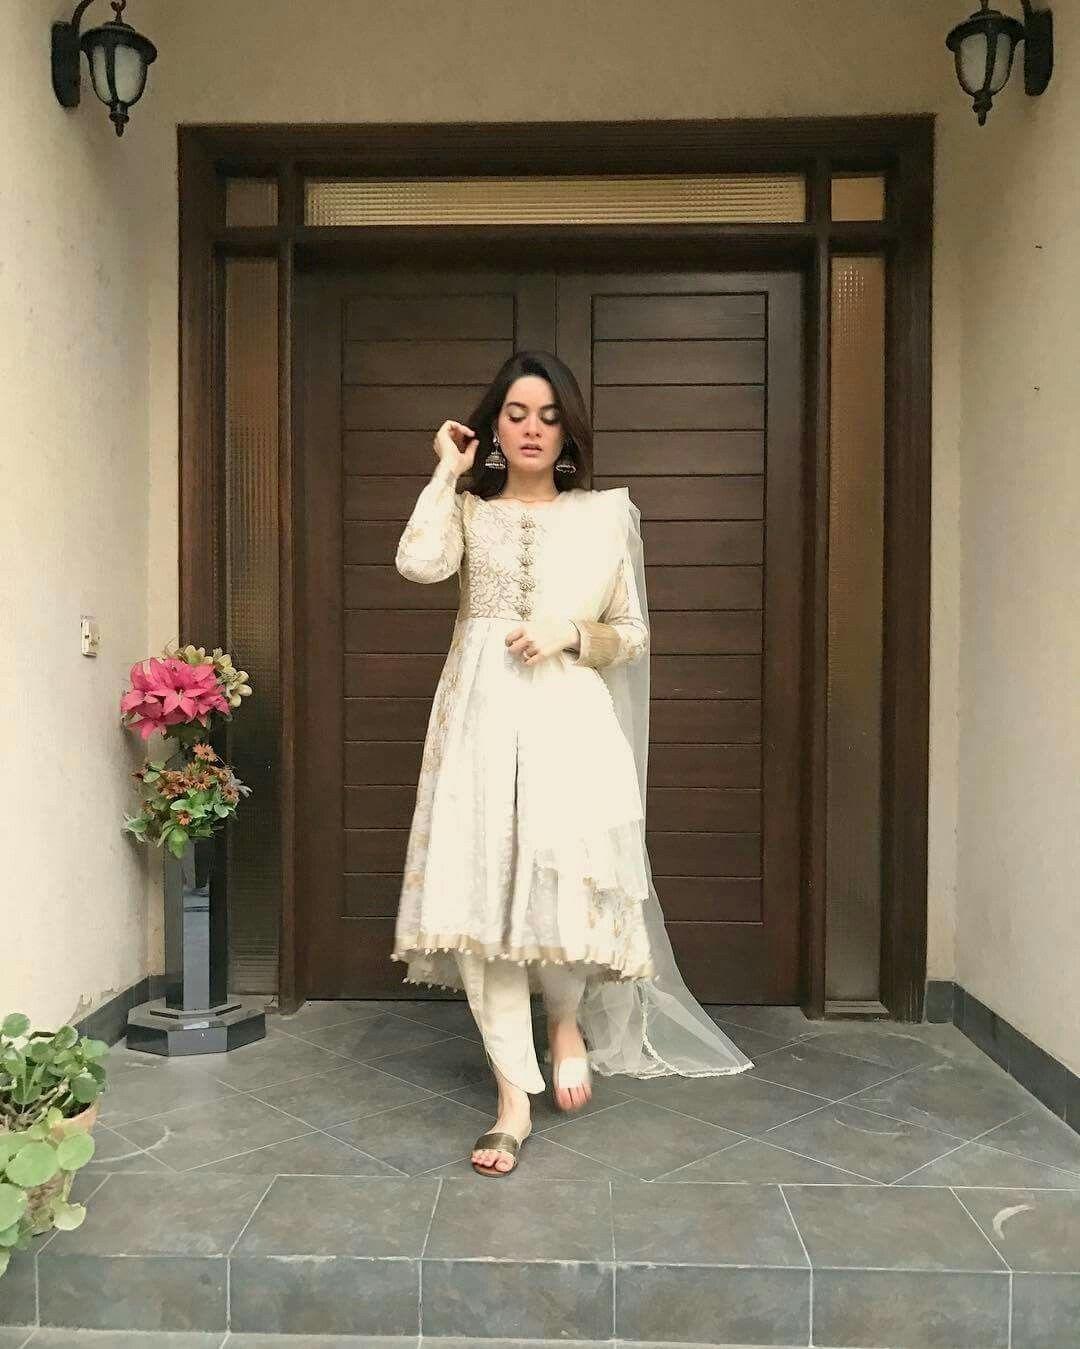 Pin von Mano👸 auf celebrities of Pakistan | Pinterest